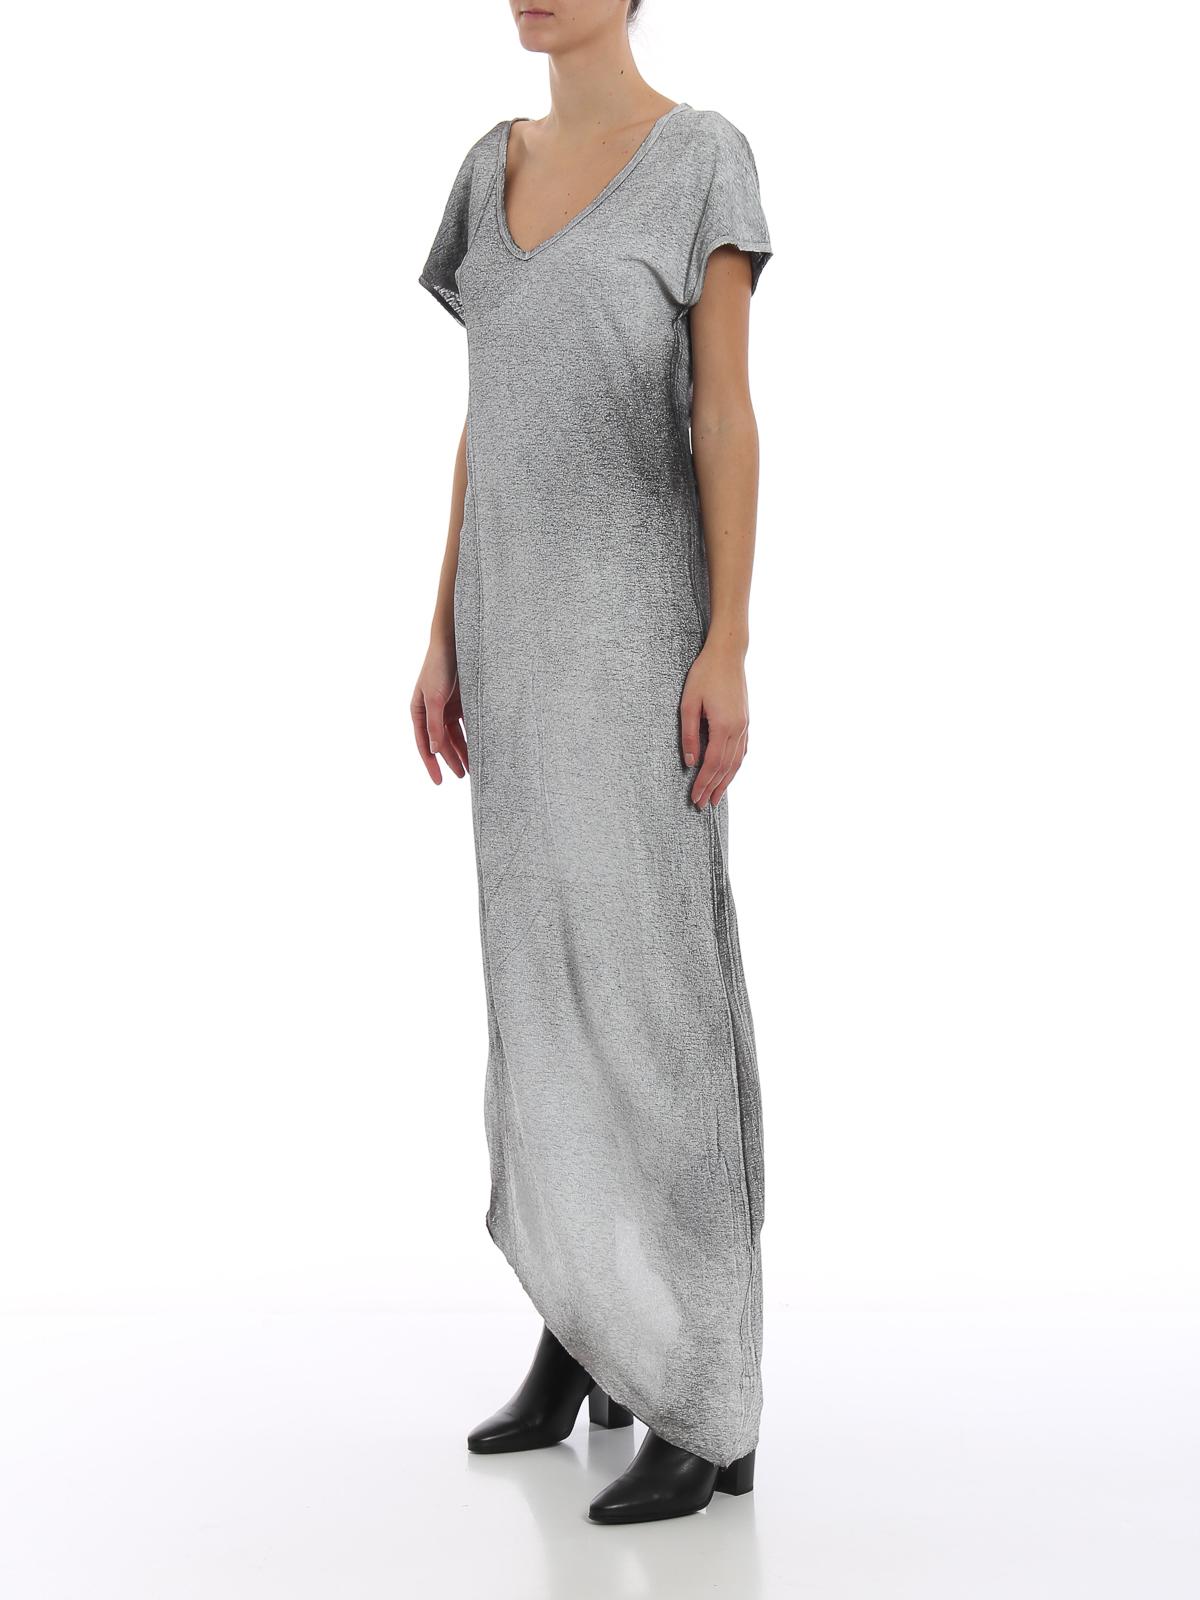 online store 81f85 410de Avant Toi - Maxi abito asimmetrico in jersey di lino - abiti ...